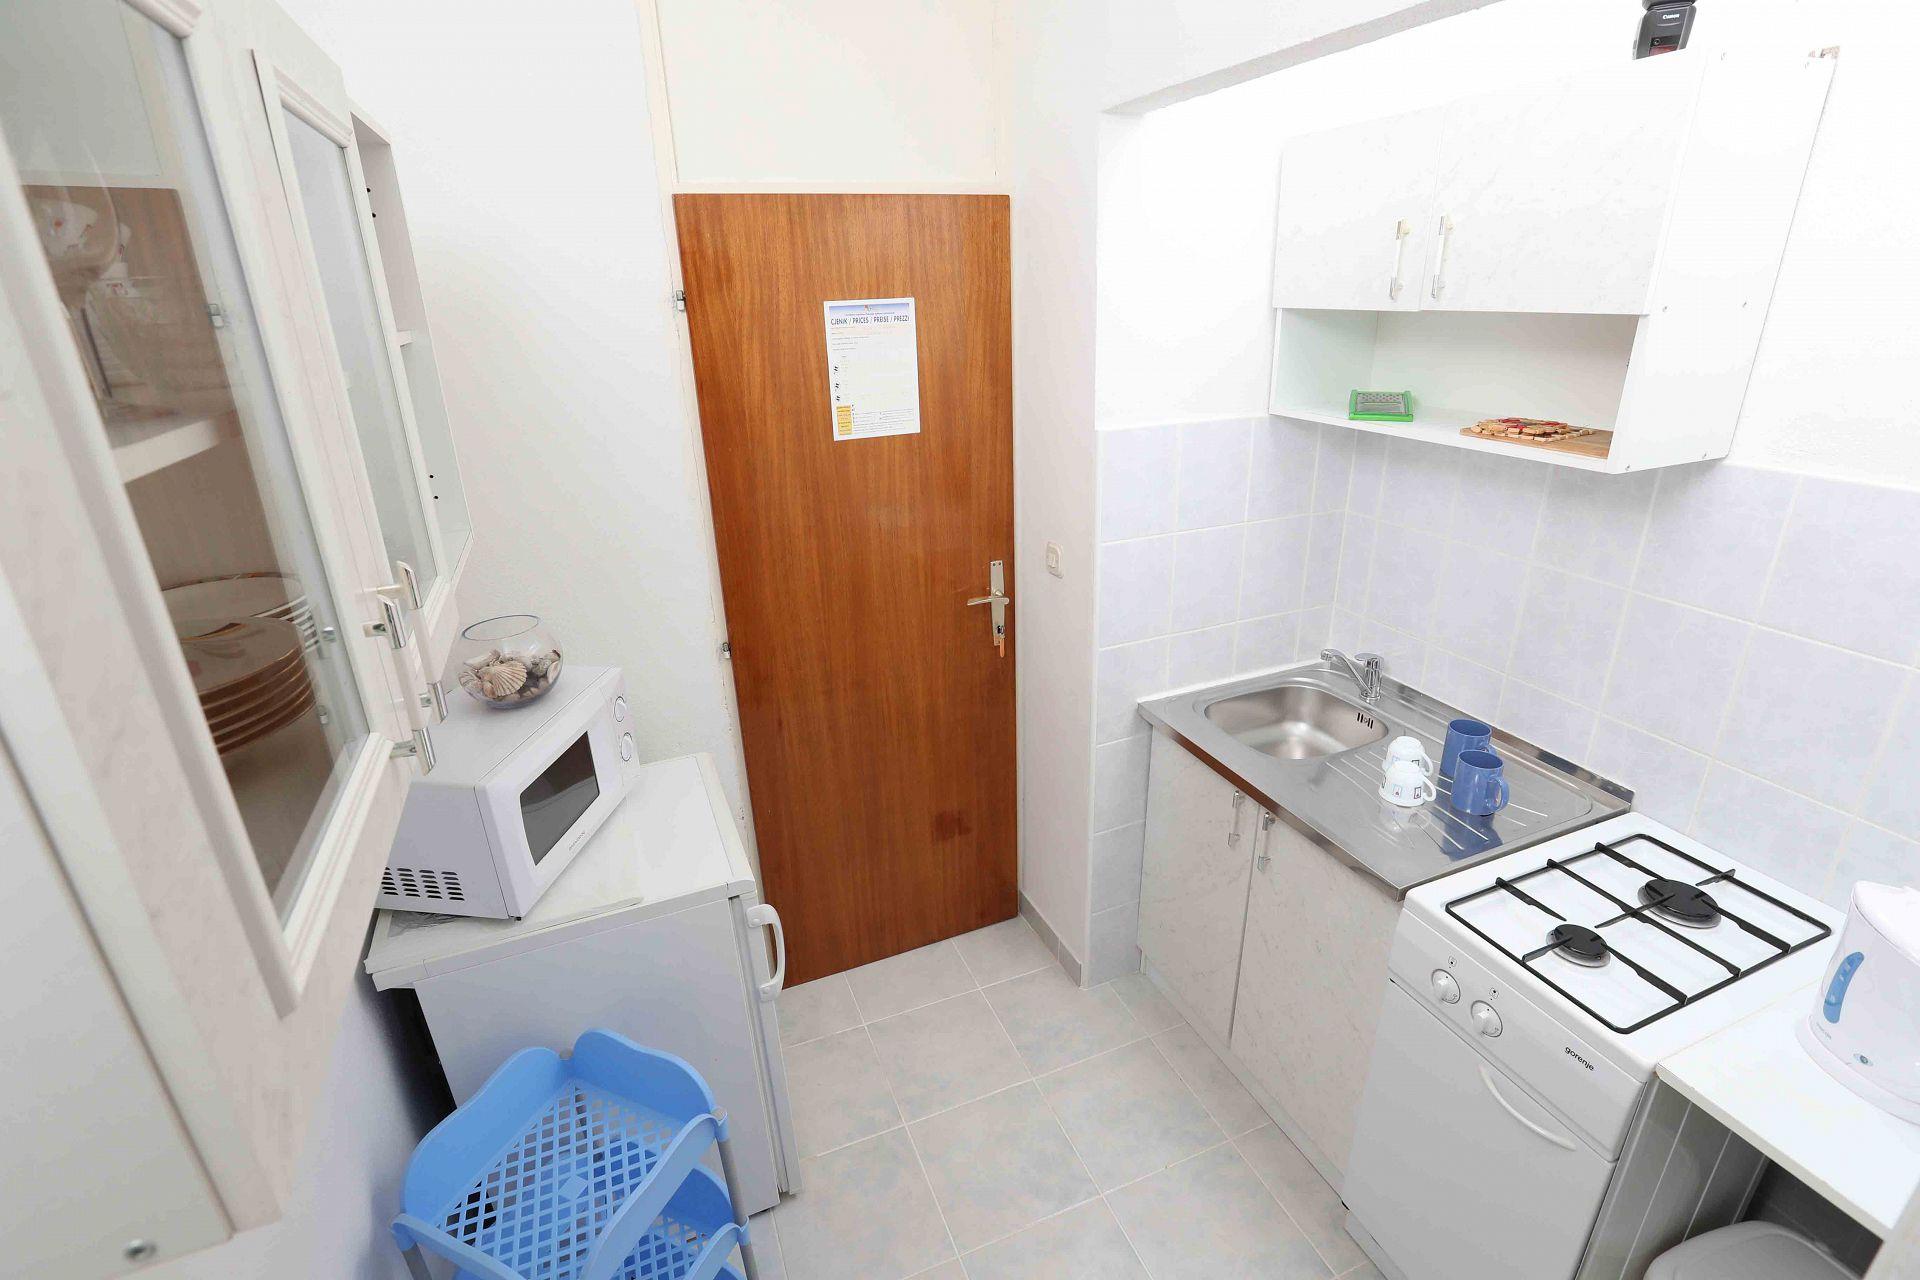 00603ZAVA - Zavala - Appartementen Kroatië - Ante(2): keuken